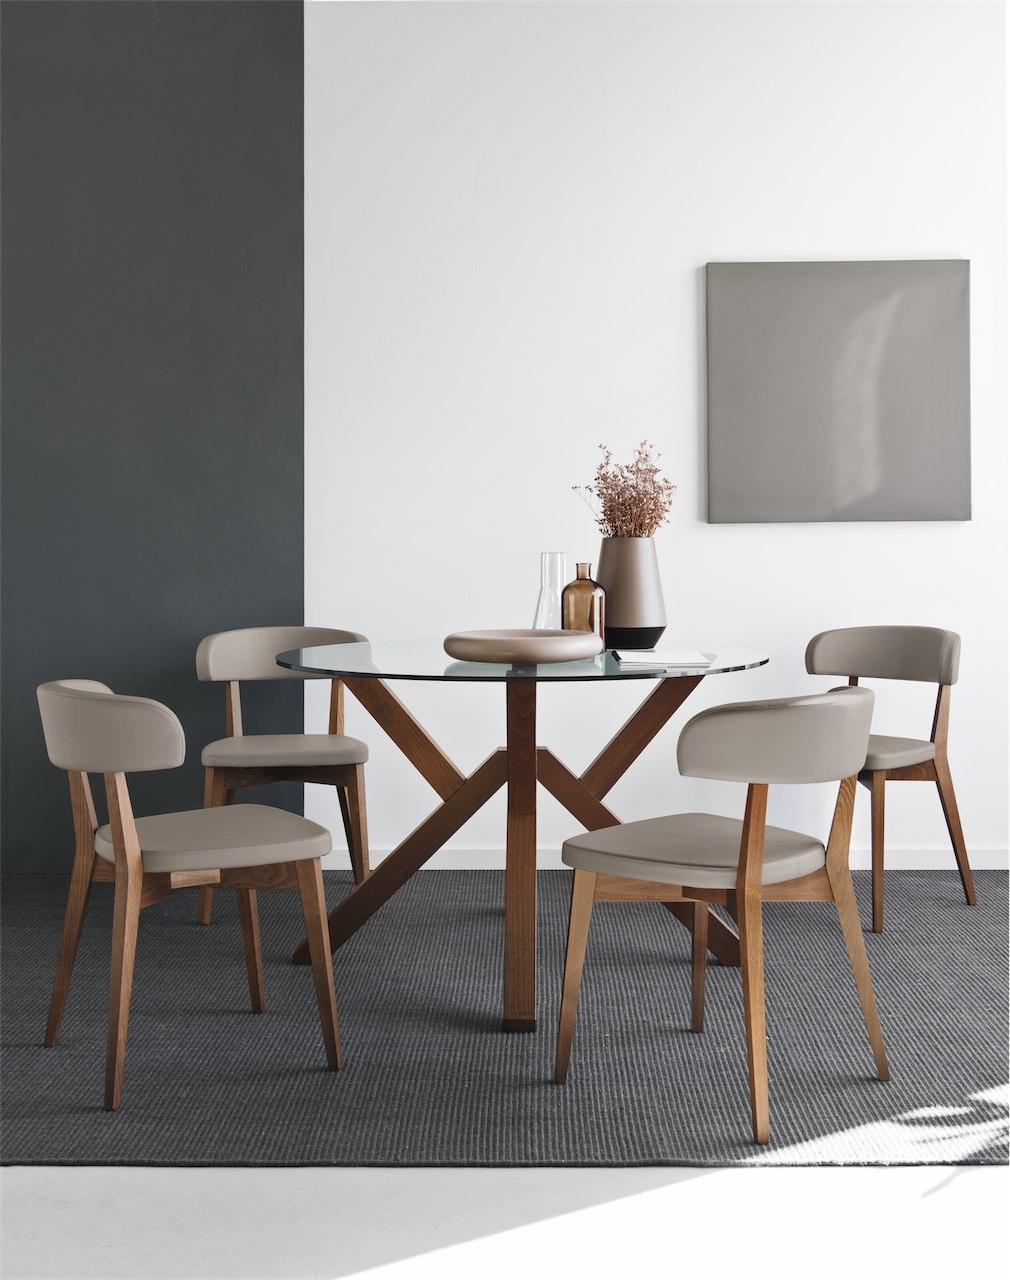 Sedie Per Tavolo Di Vetro.Mikado Tavolo Connubia Calligaris In Legno E Vetro